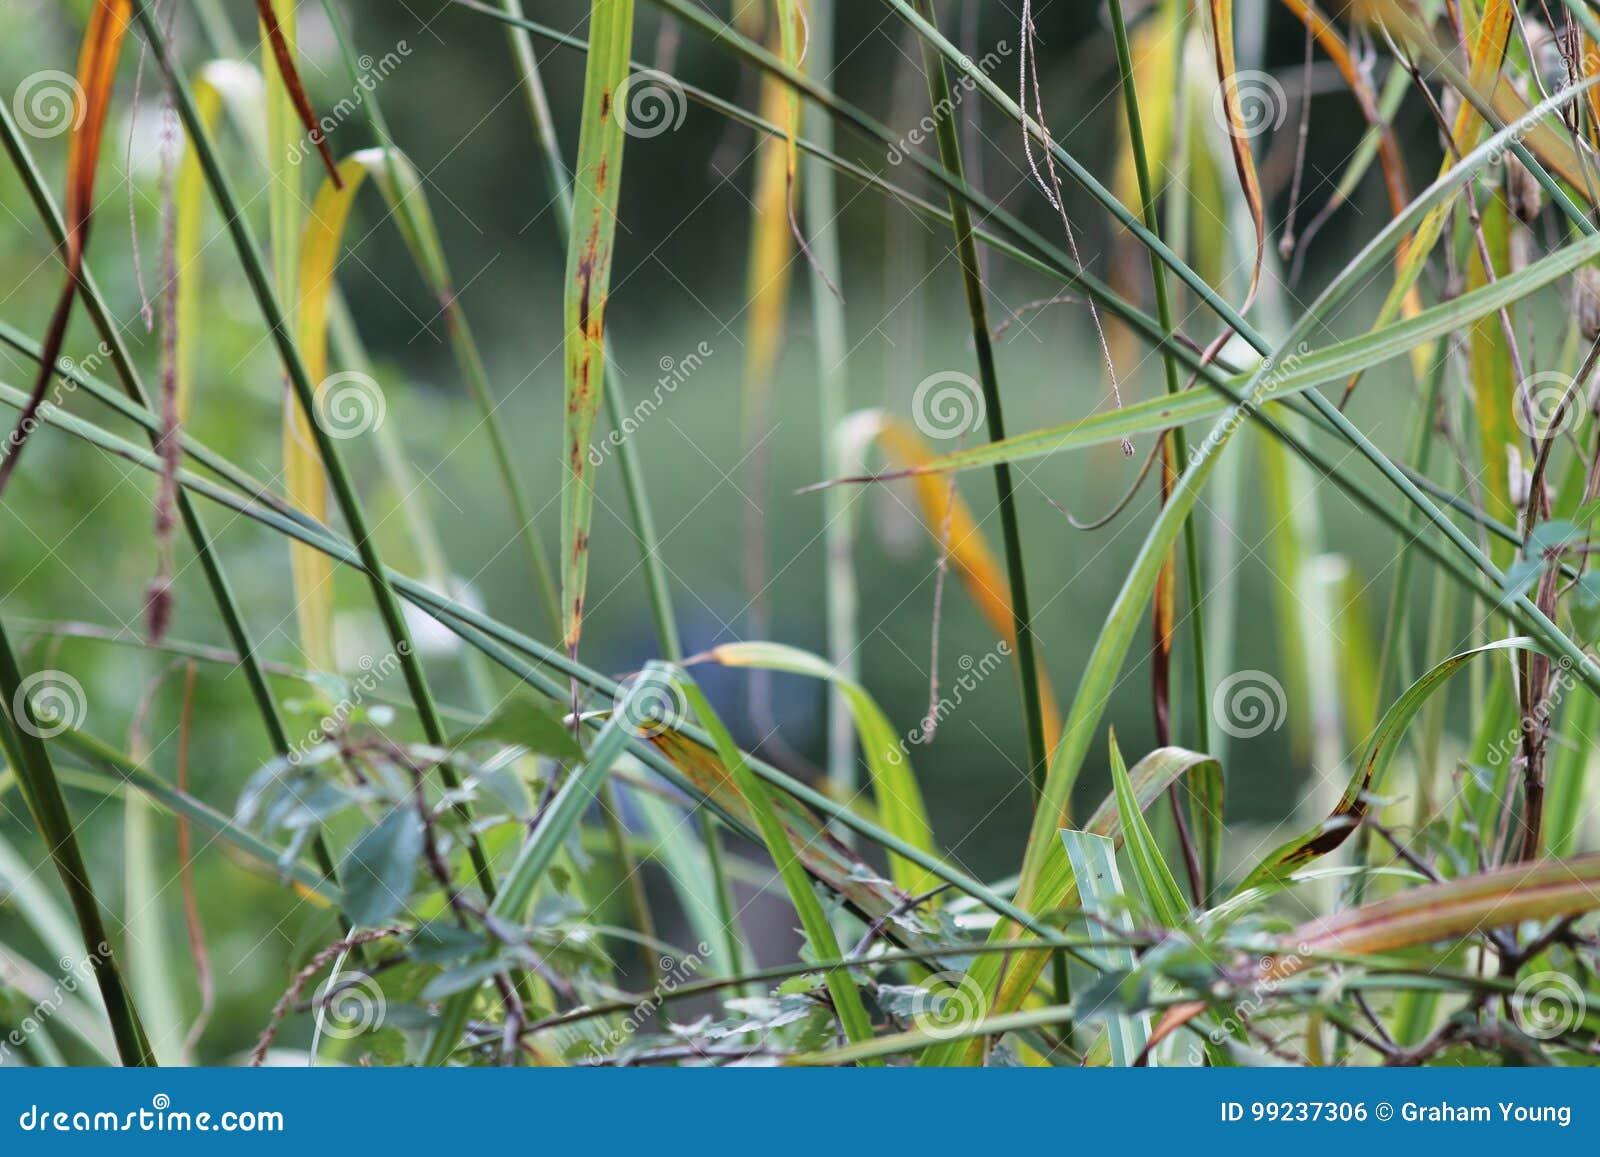 Herbes Dans Le Jardin Anglais Plan Rapproche Avec La Lavande Et